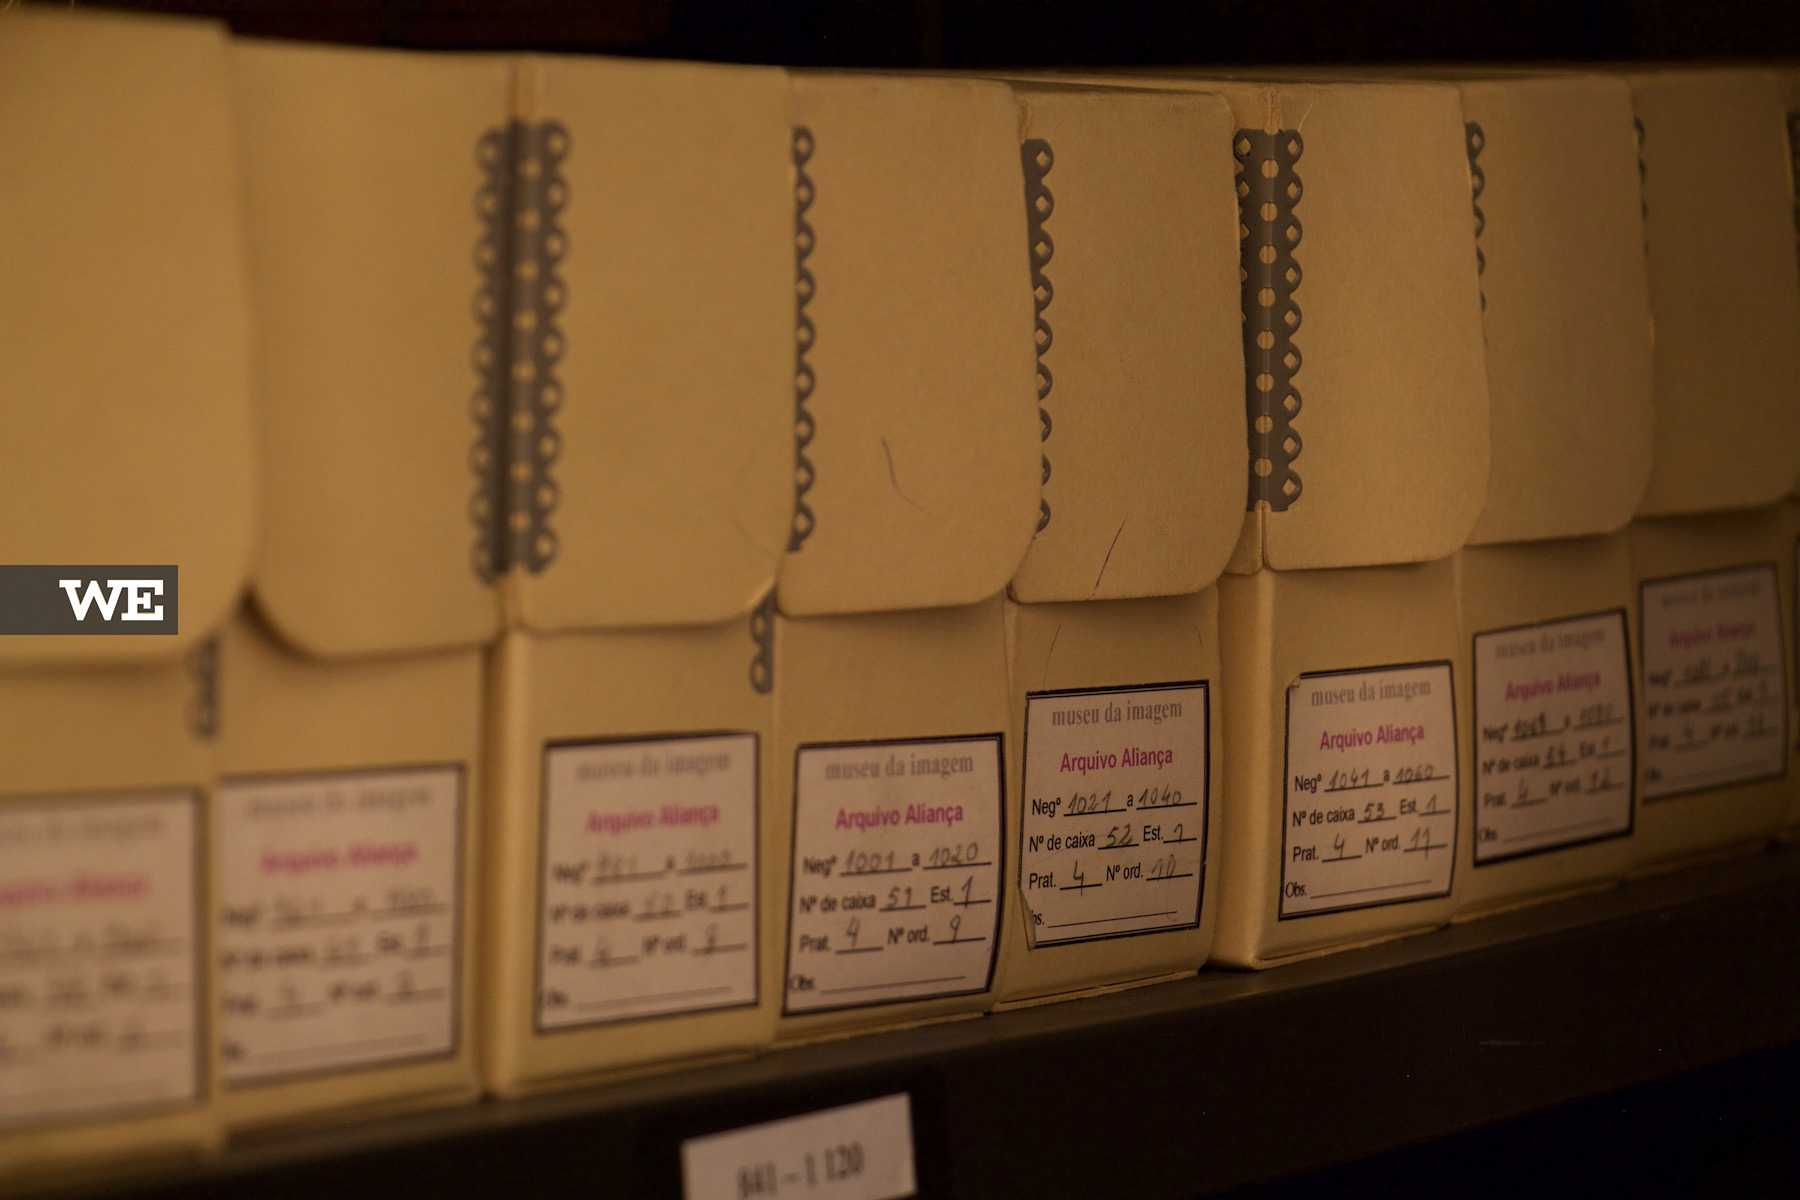 Museu da Imagem - arquivo